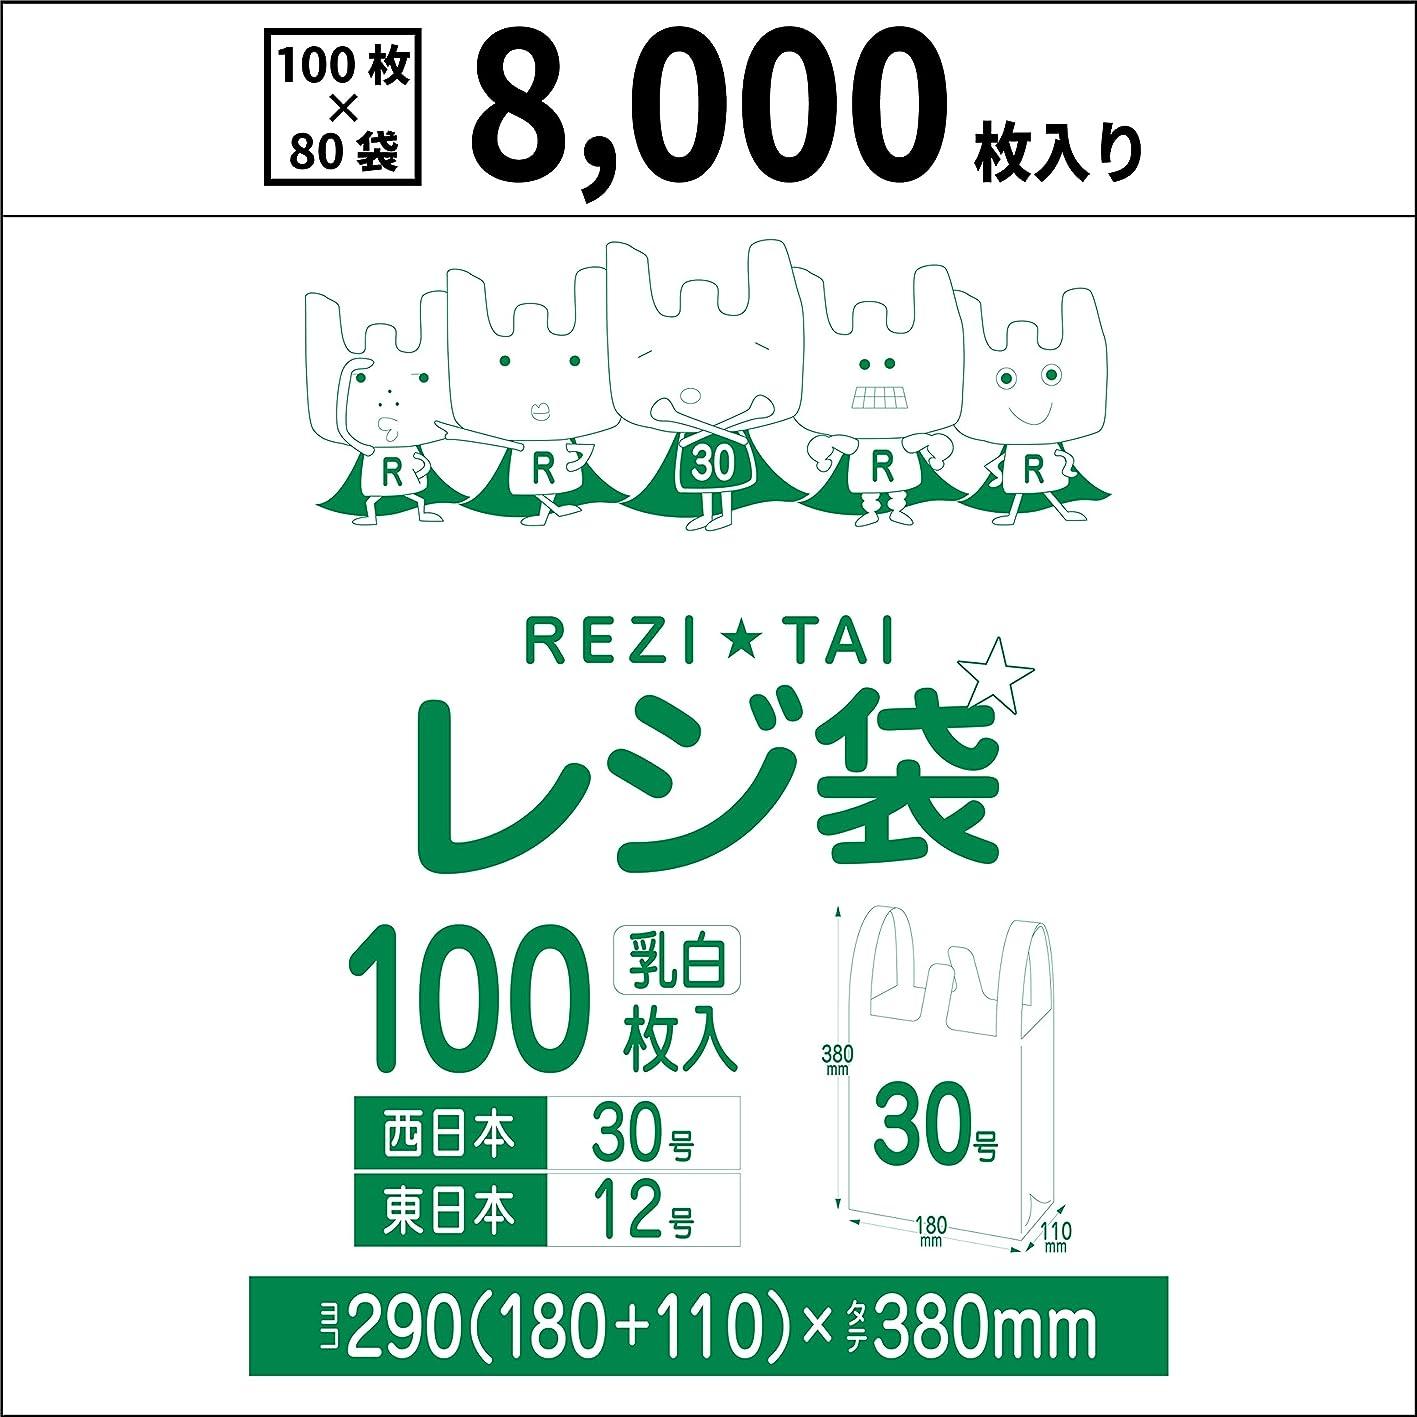 荒らす大聖堂酸化物レジ袋 乳白 関西30号 関東12号 厚手 ヨコ18cm×タテ38cm 厚み0.013mm 8,000枚入【Bedwin Mart】